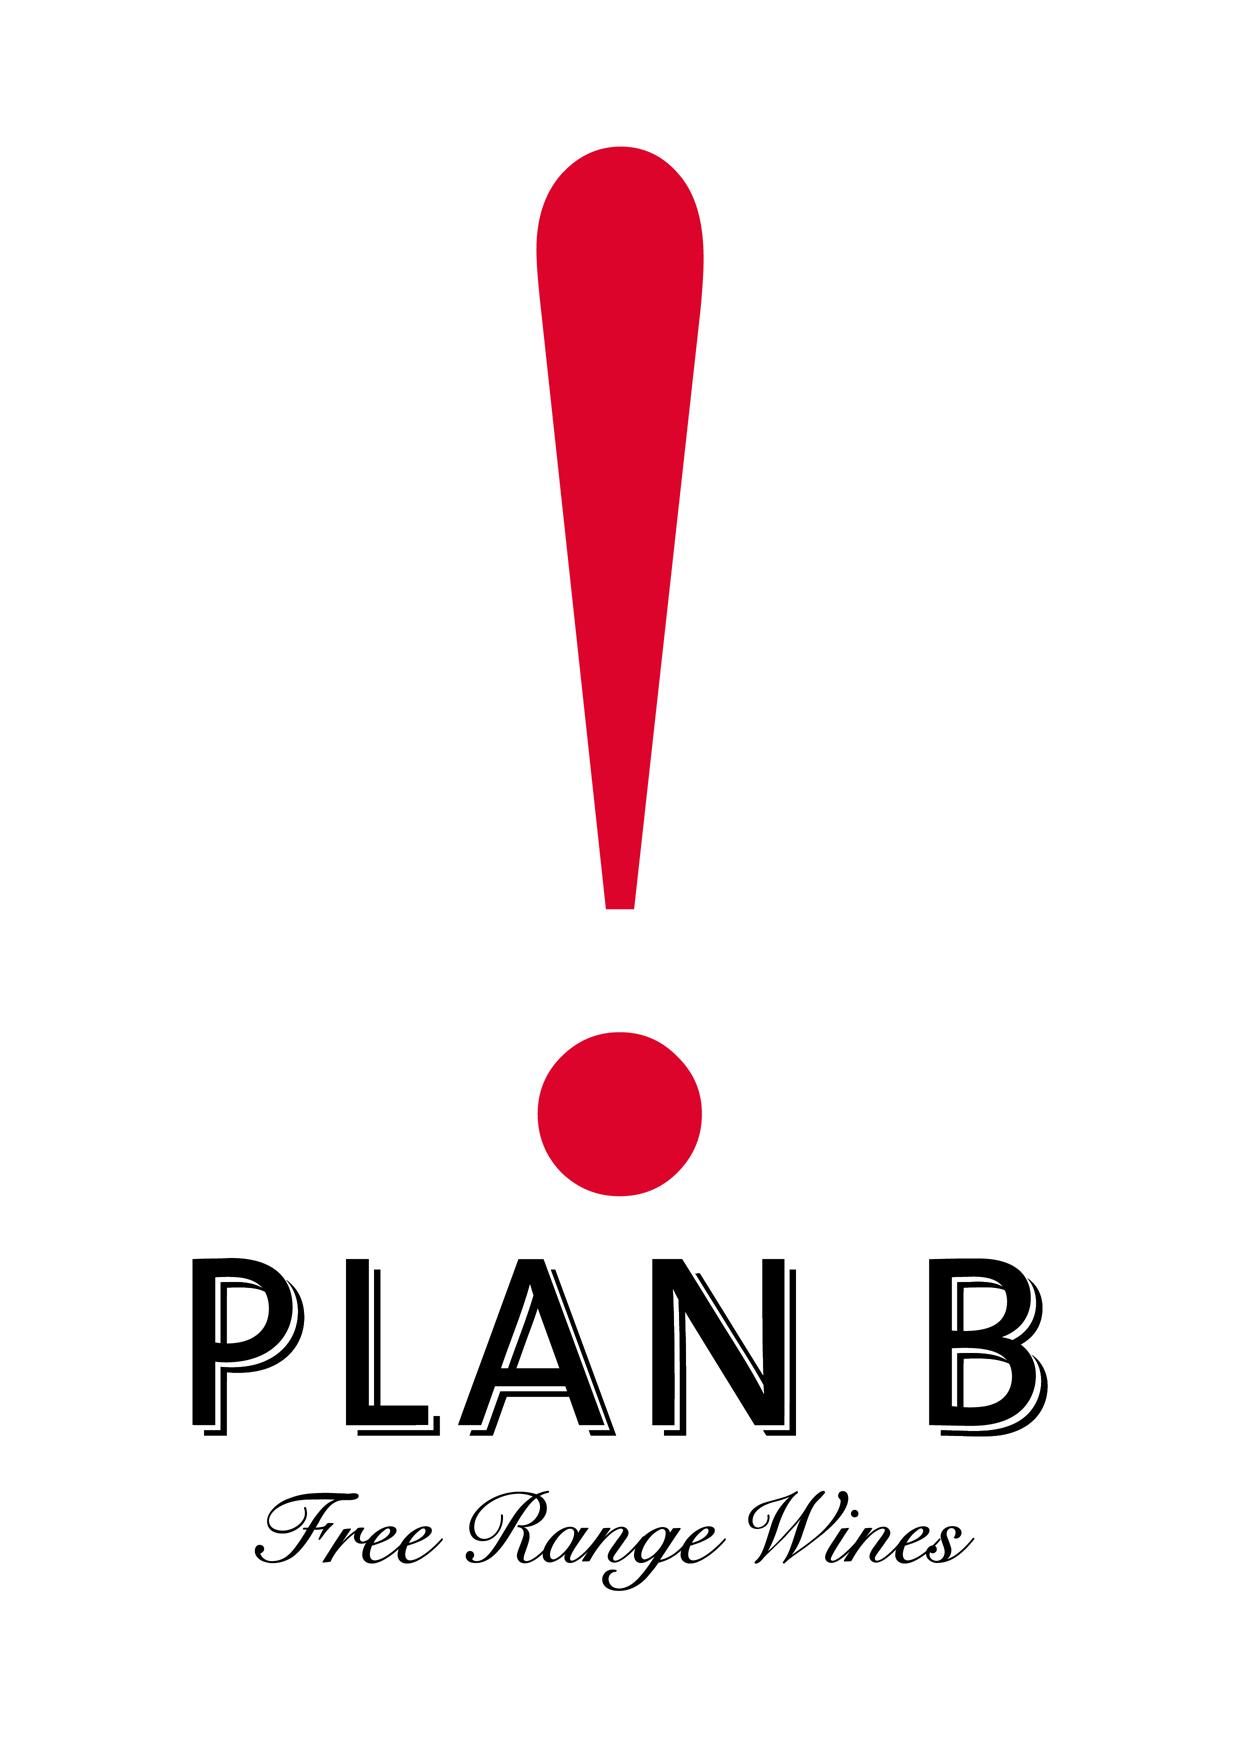 Image: Plan B! Wines